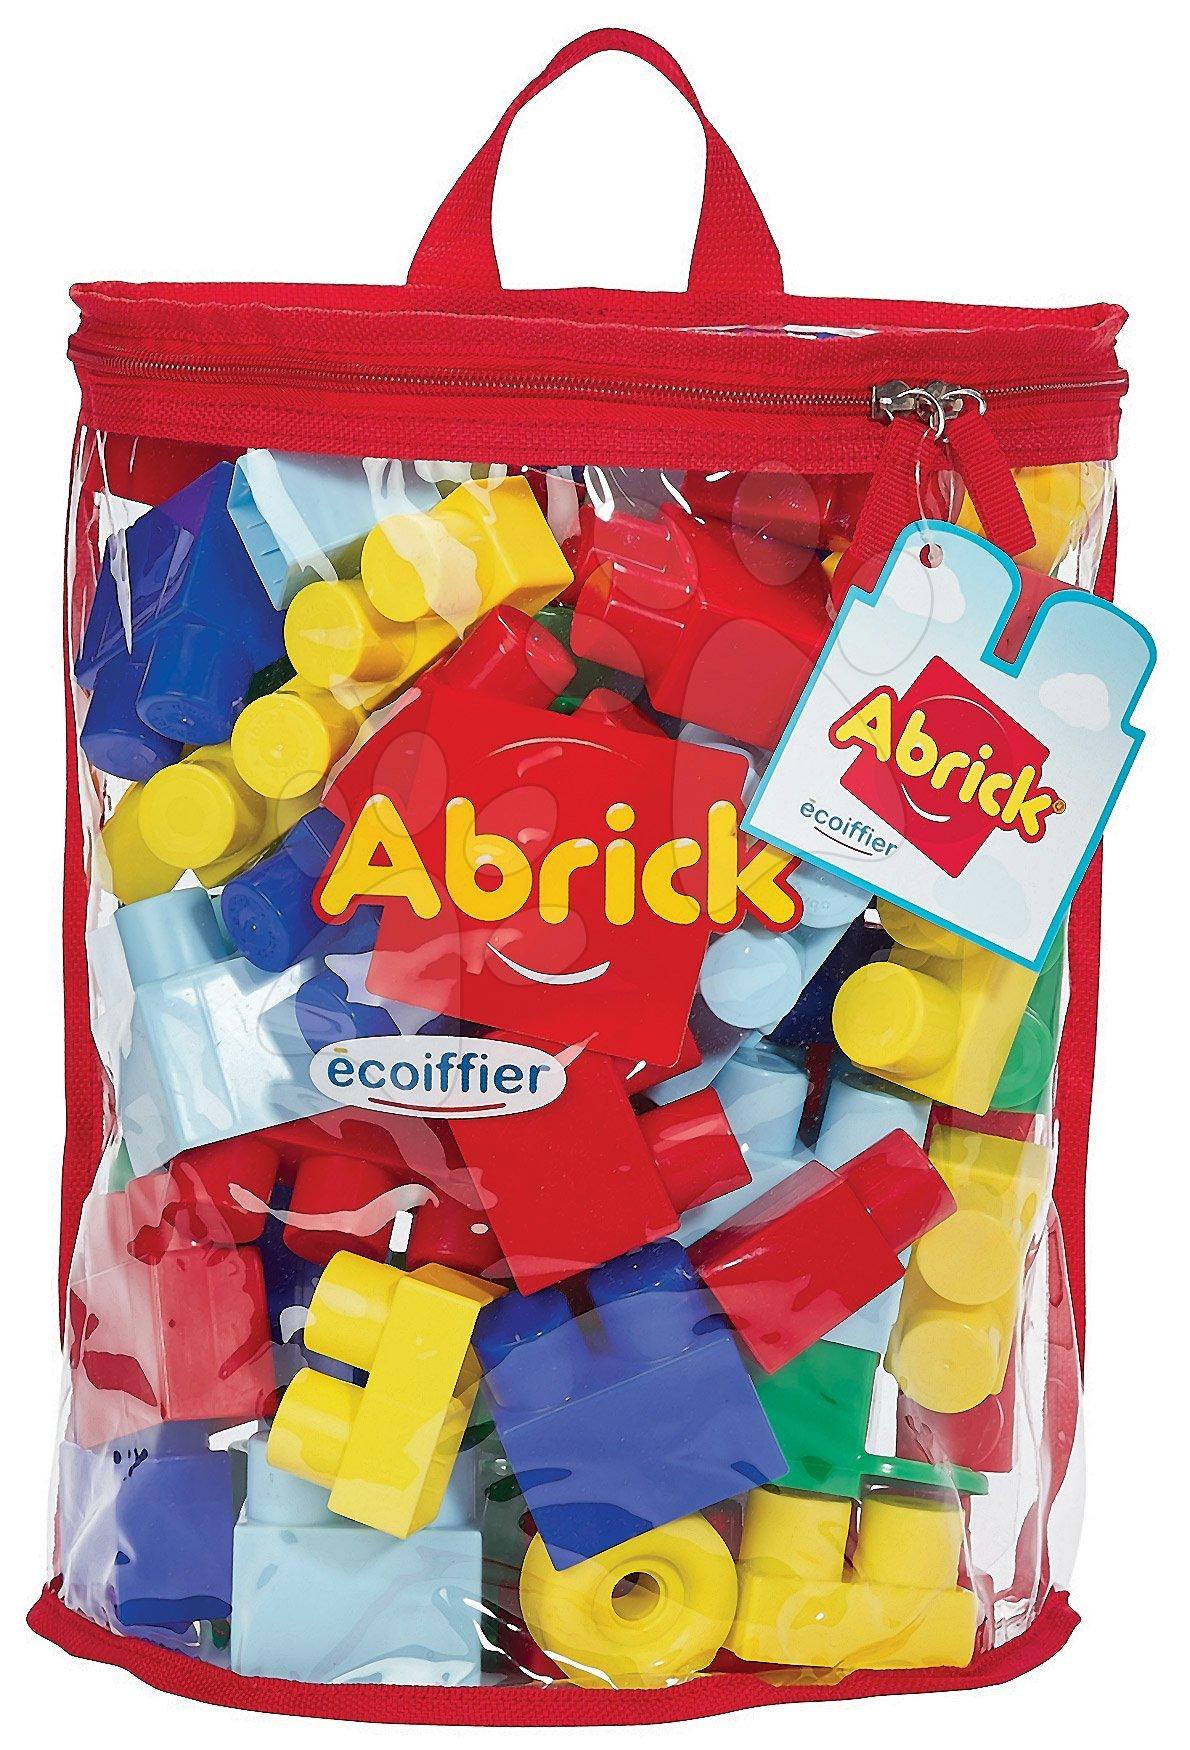 Kostky a stavebnice - Stavebnice v batohu Maxi Abrick Écoiffier 50 dílů od 12 měsíců